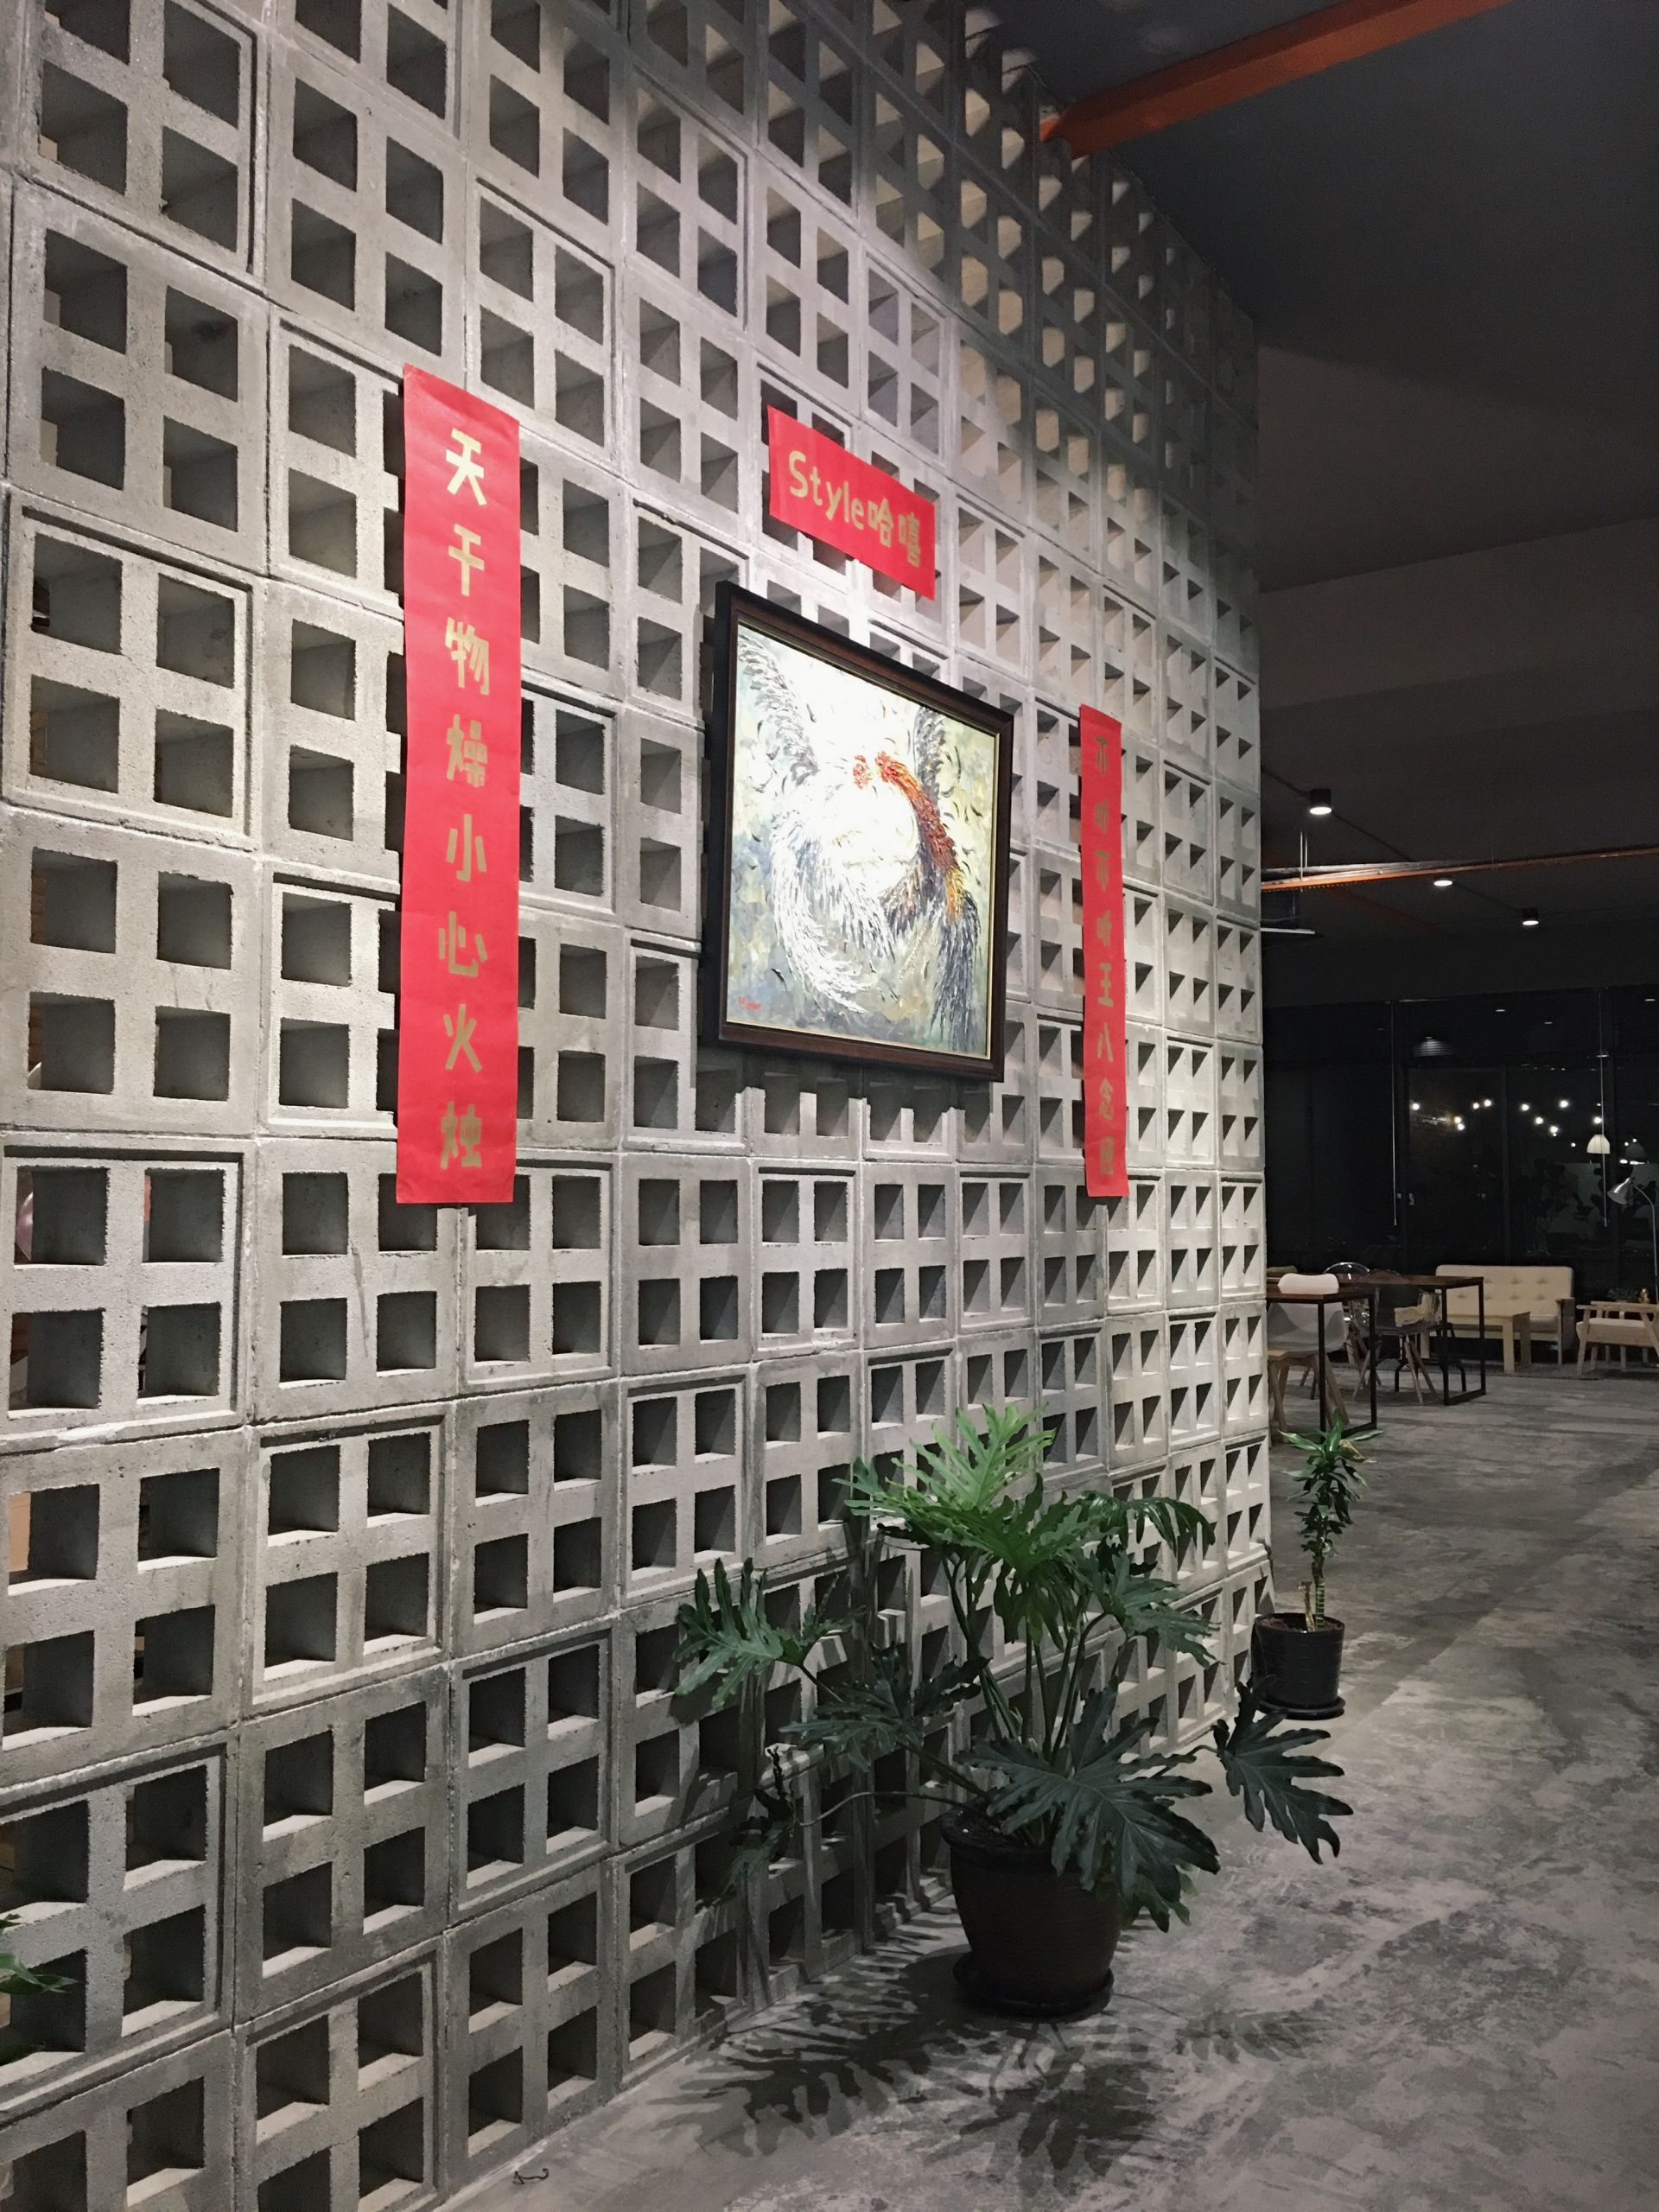 Spacebar, Shah Alam